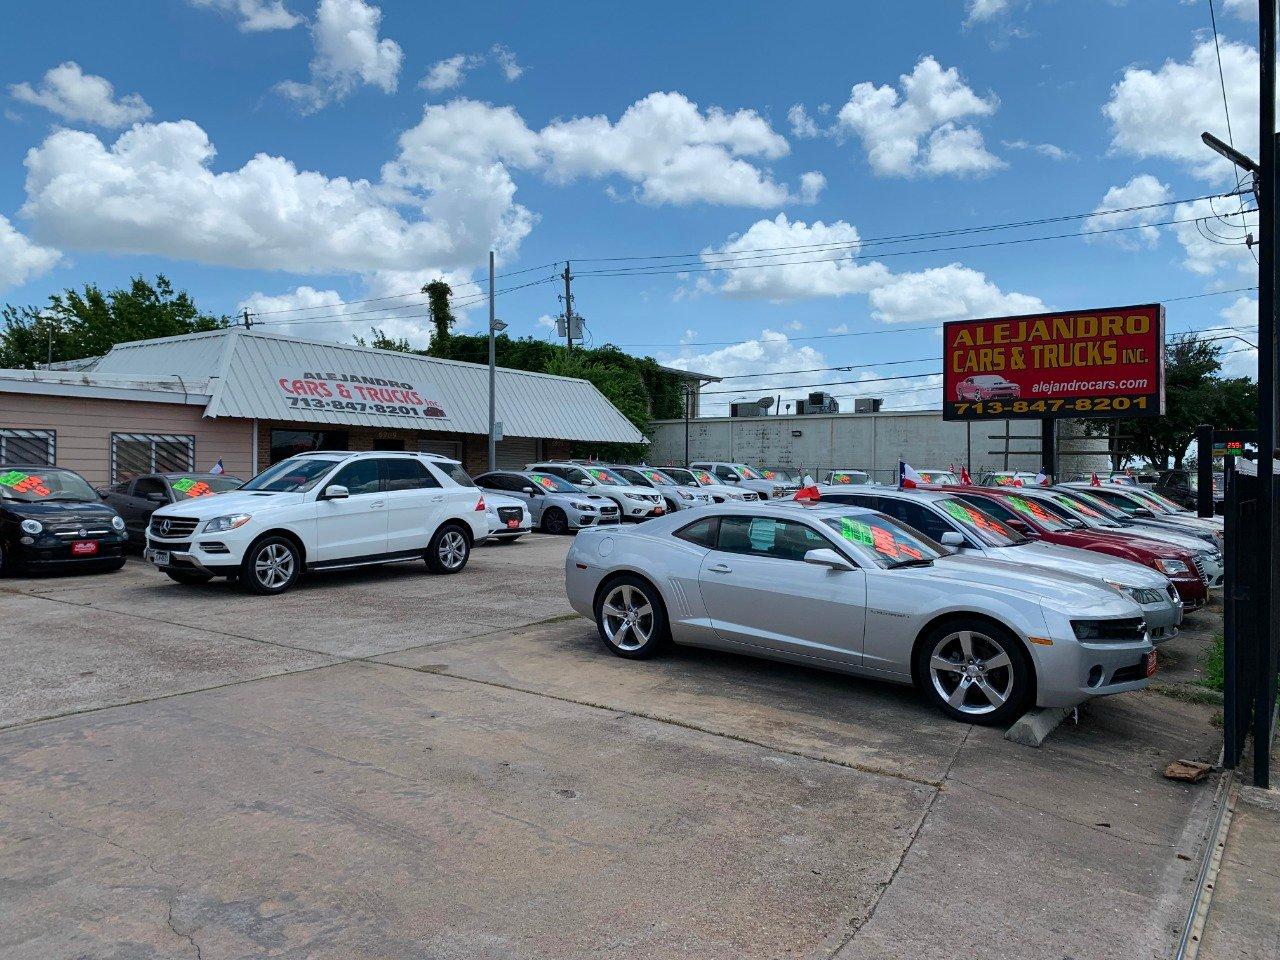 Alejandro Cars & Trucks Inc